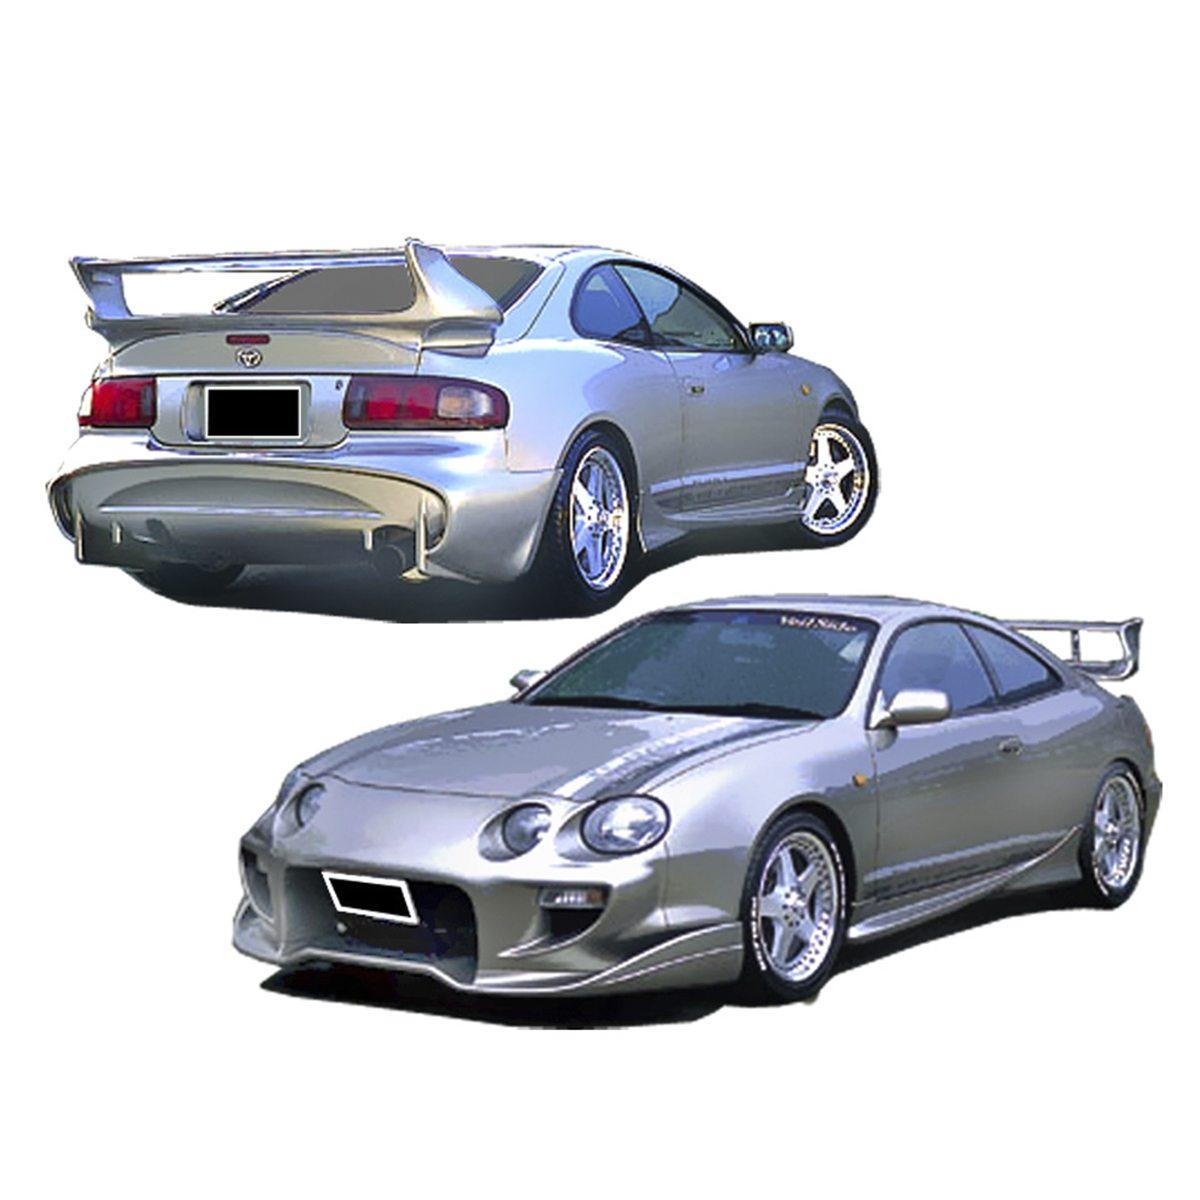 Toyota-Celica-94-T20-KIT-QTA051